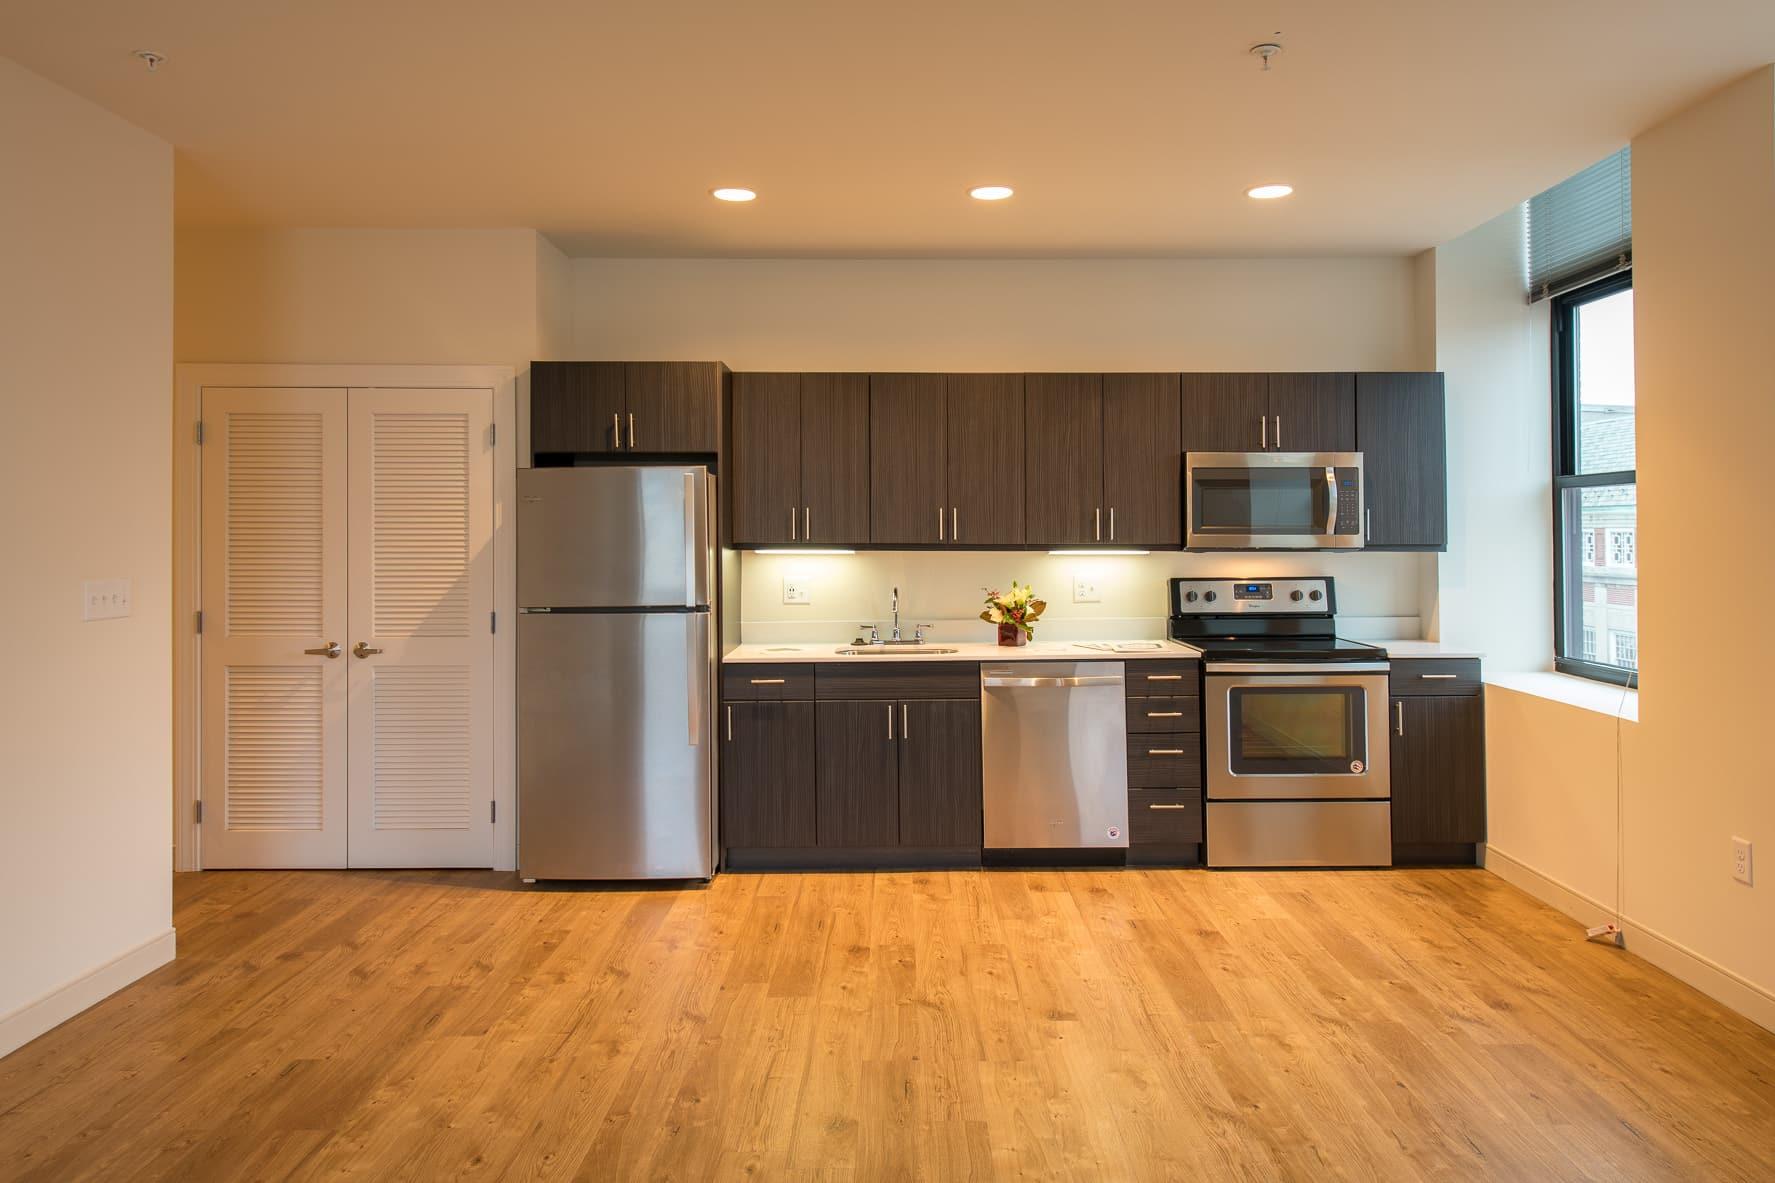 617 MKT Kitchen